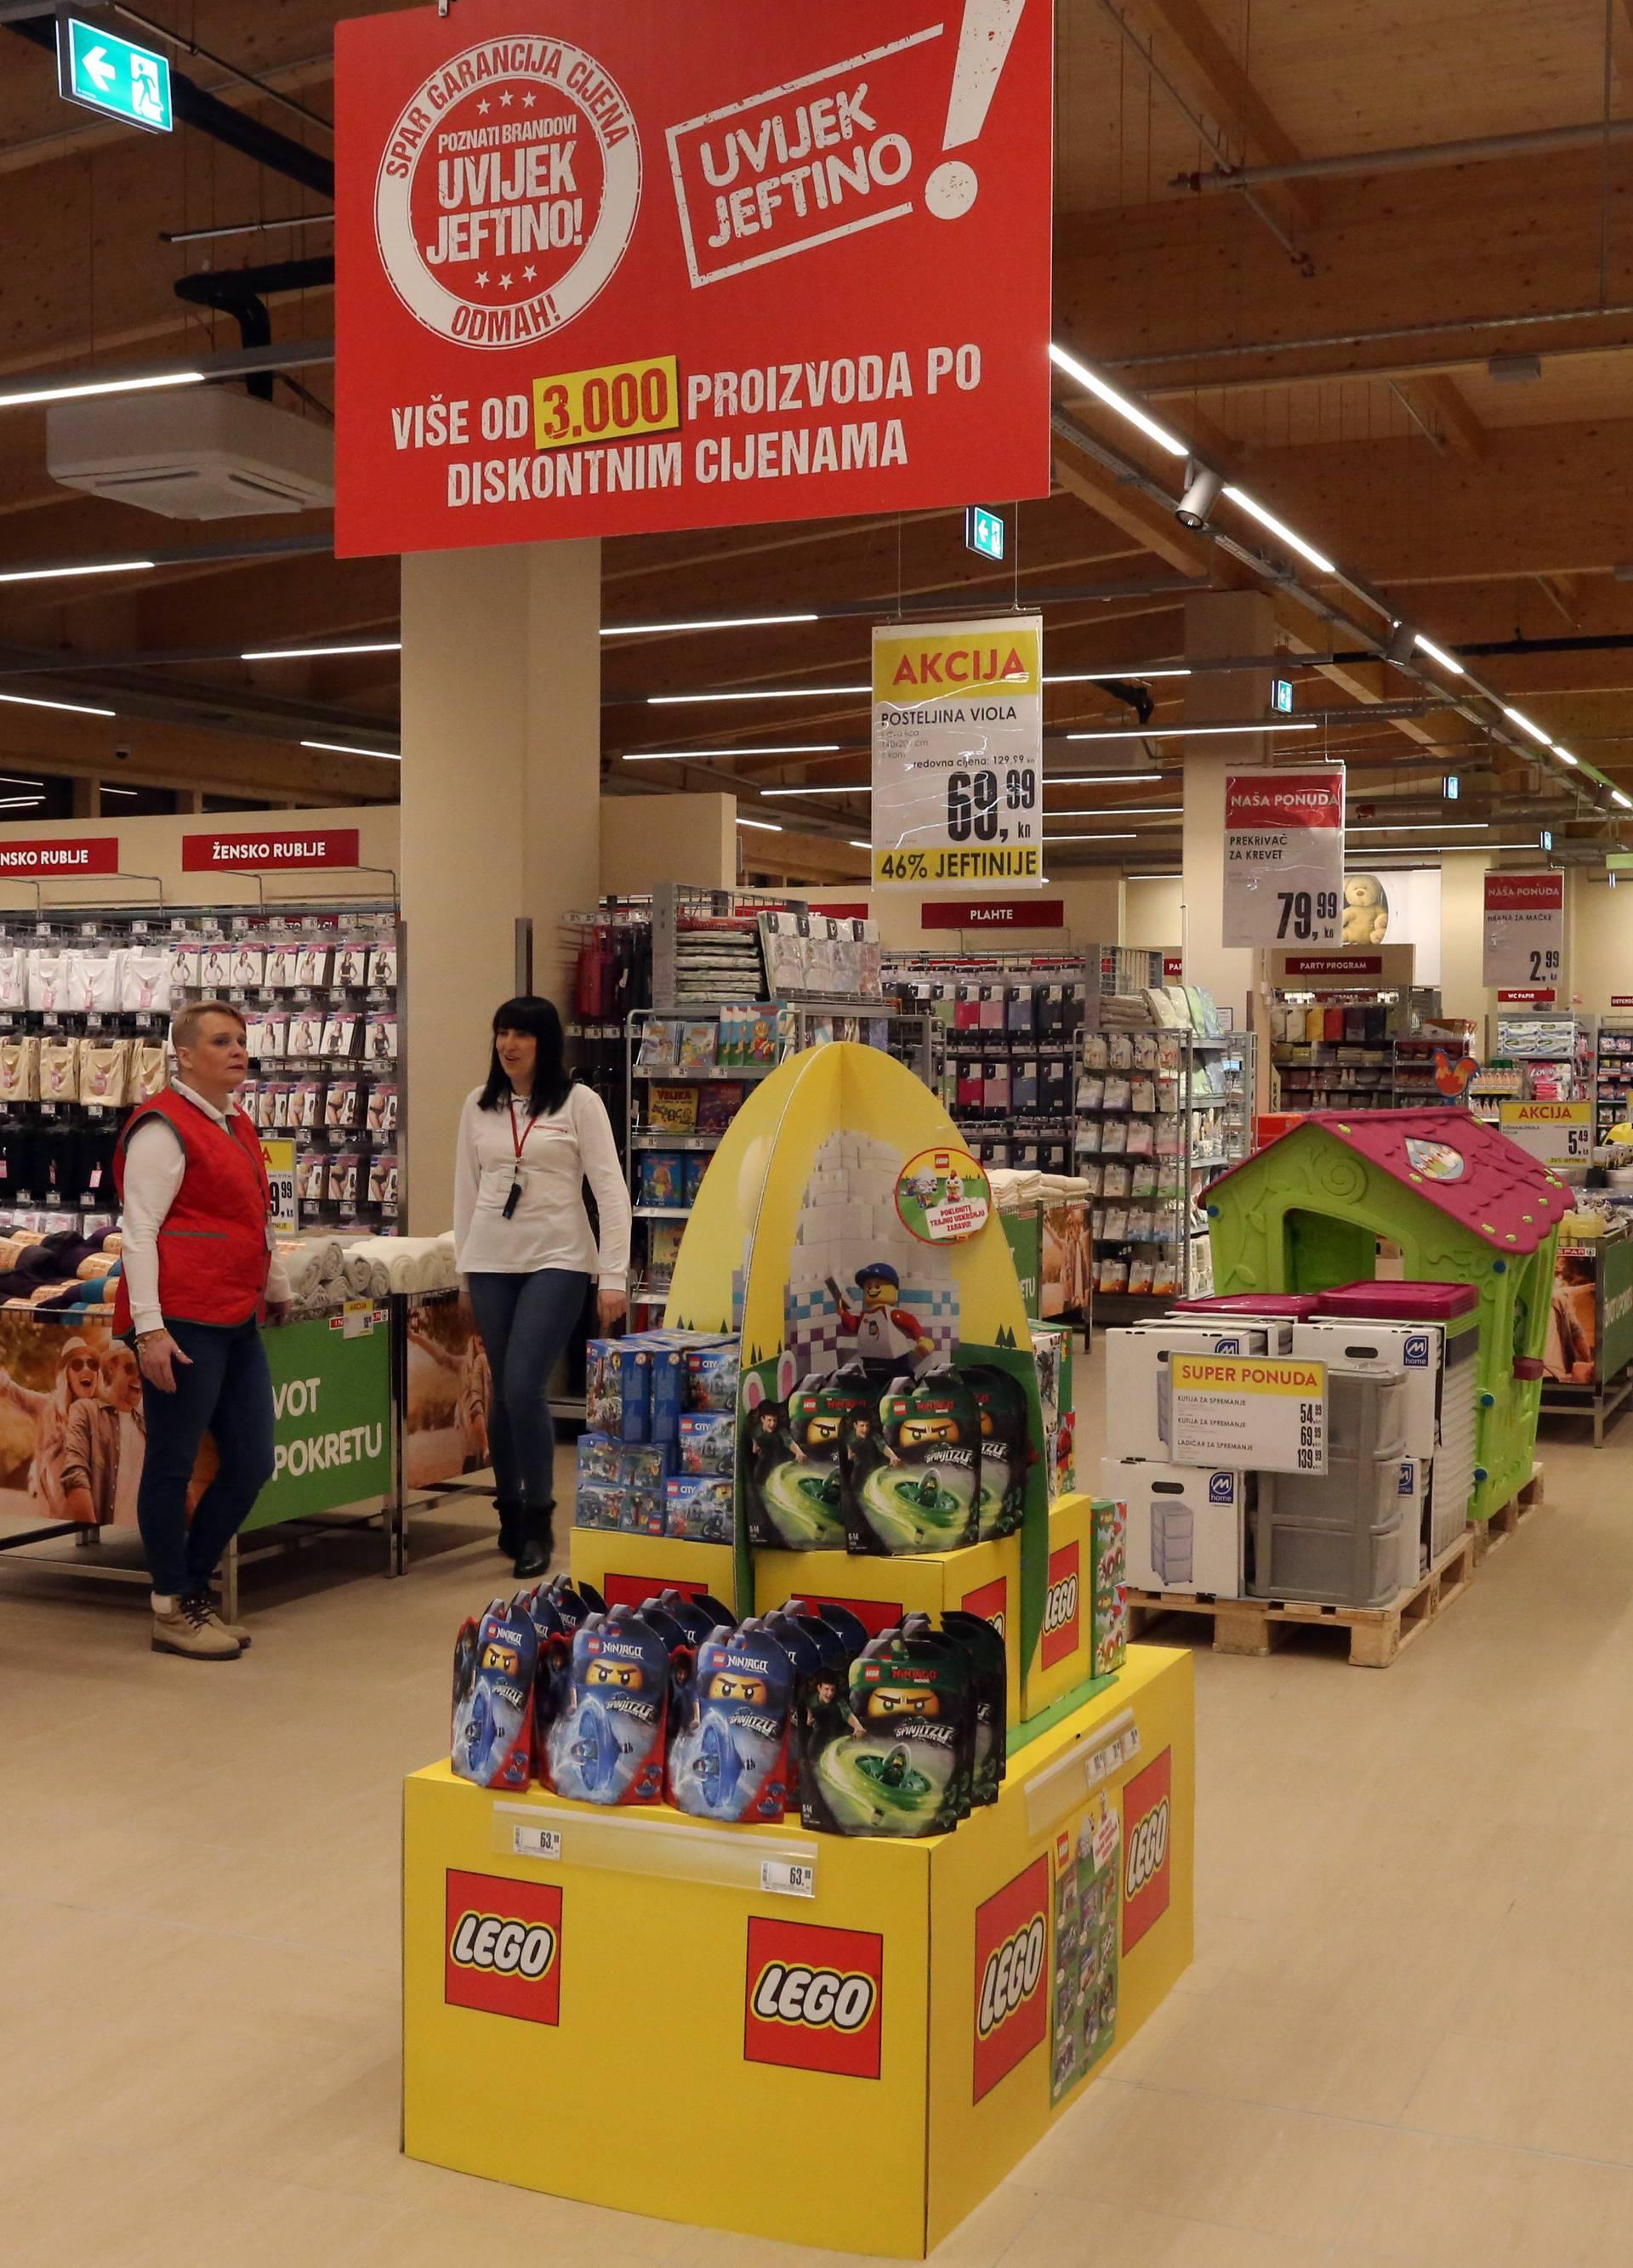 Blagdan Tijelovo: Ma ništa ne radi, zaboravite na kupovinu...